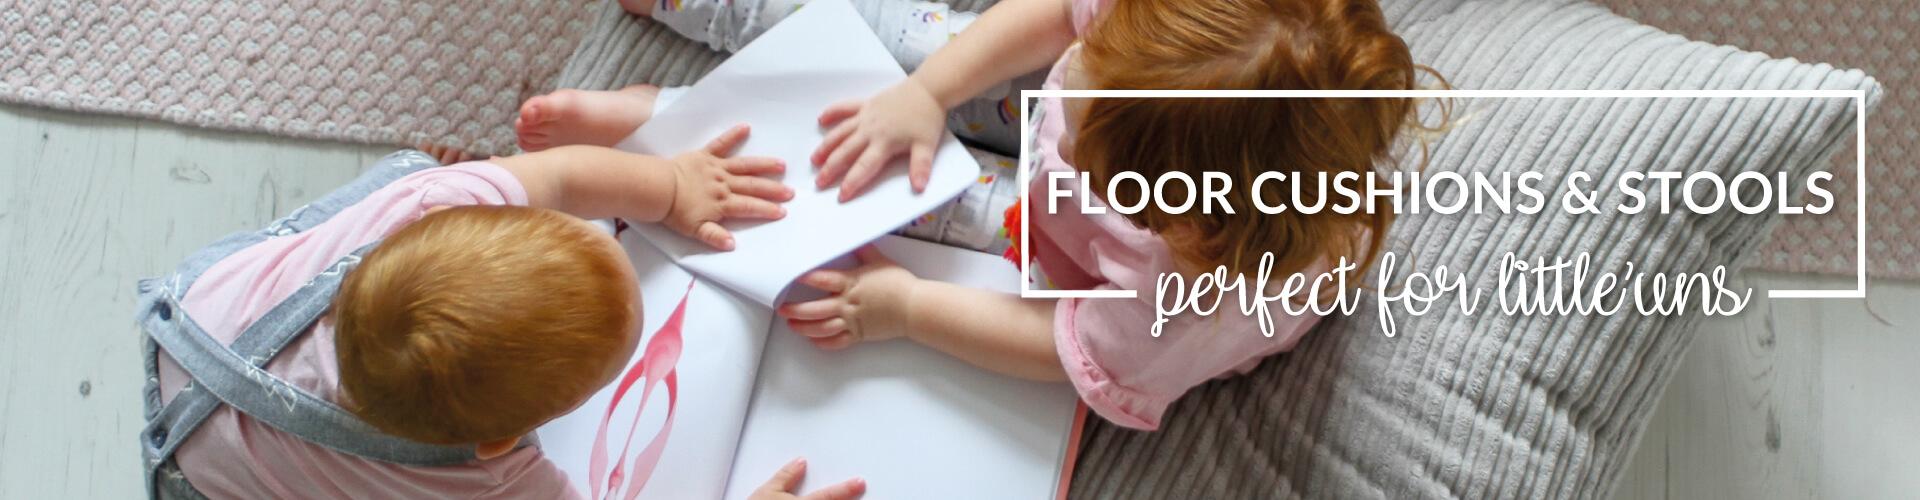 Kids Stools & Floor Cushions